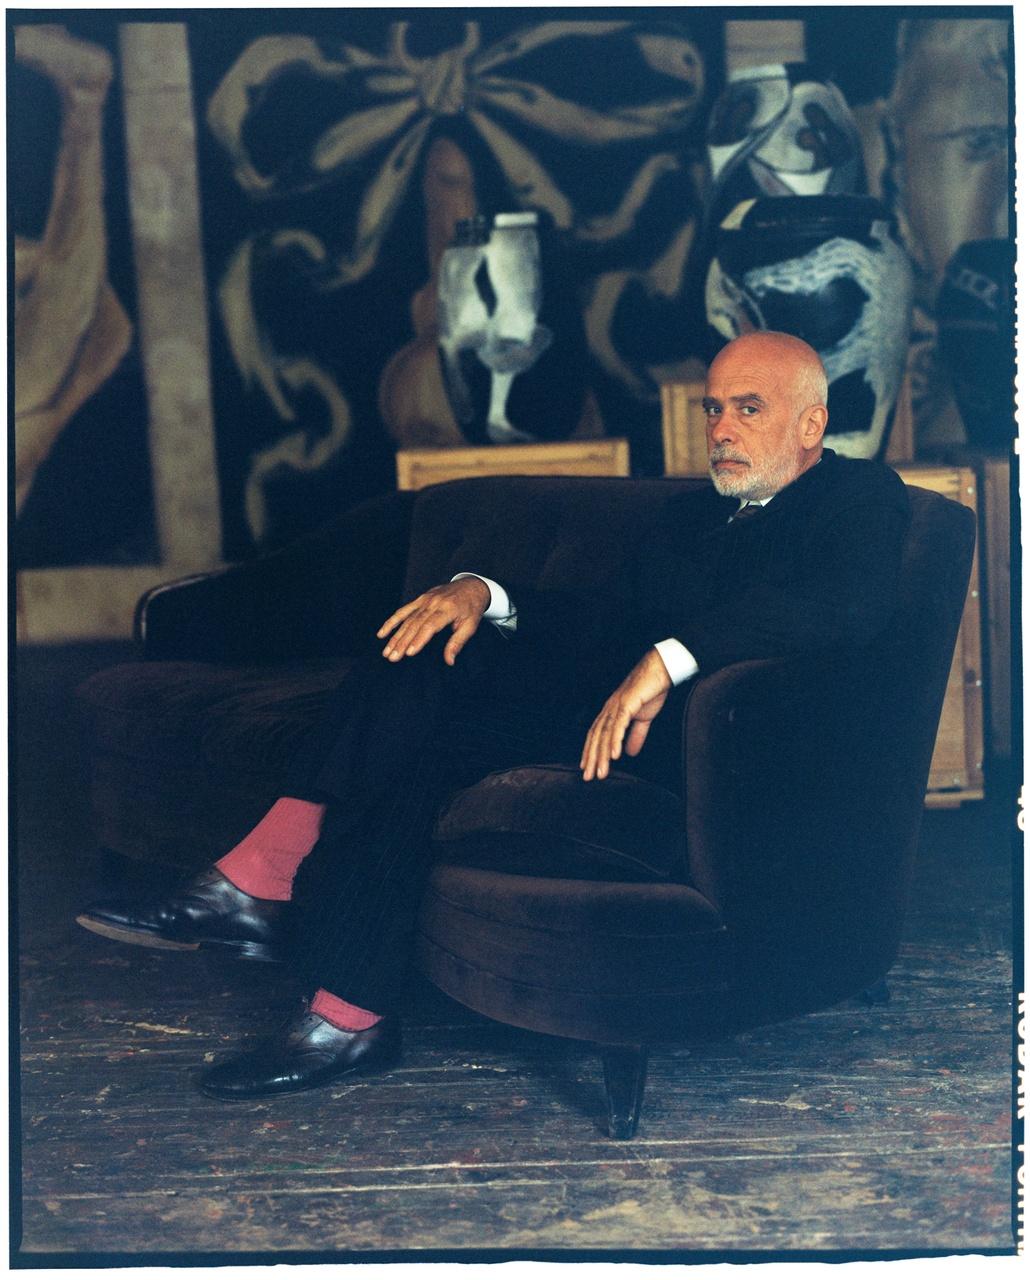 Arte y Moda: Francesco Clemente, entre Comme des Garçones y las supermodelos